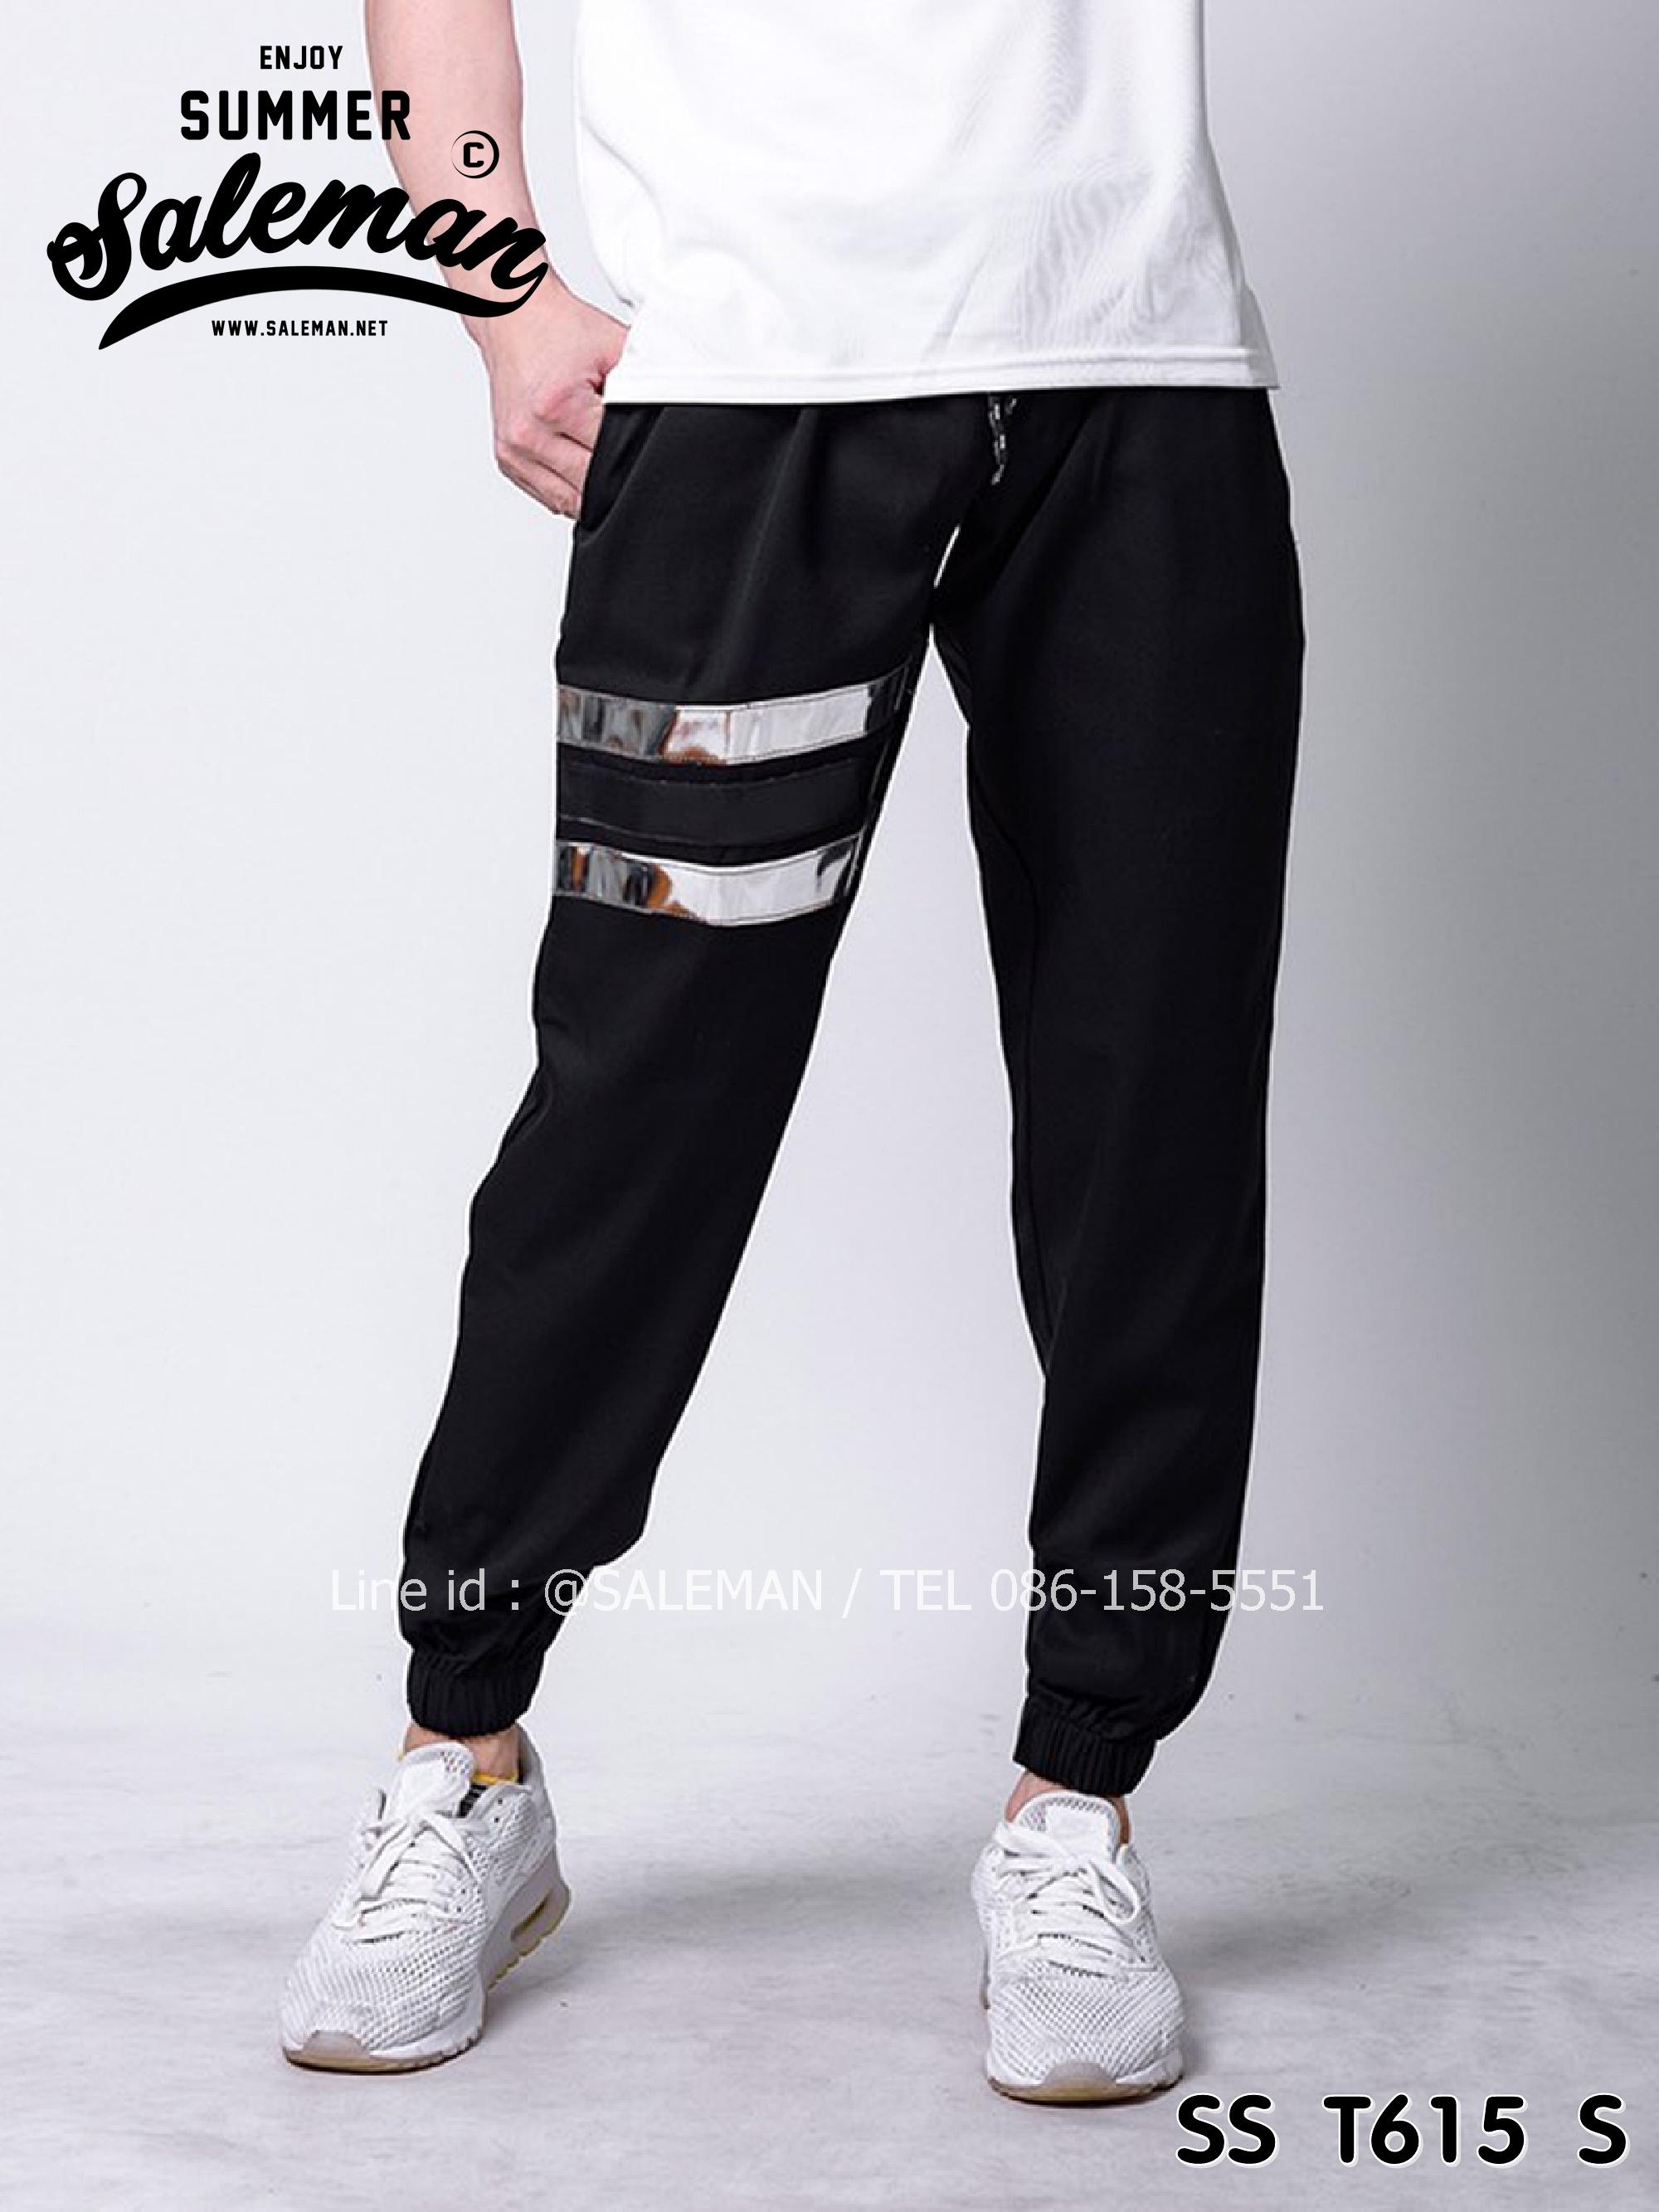 กางเกง JOGGER พรีเมี่ยม ผ้า COTTON รหัส SST 615 S สีดำ แถบเงิน SUMMER SALE